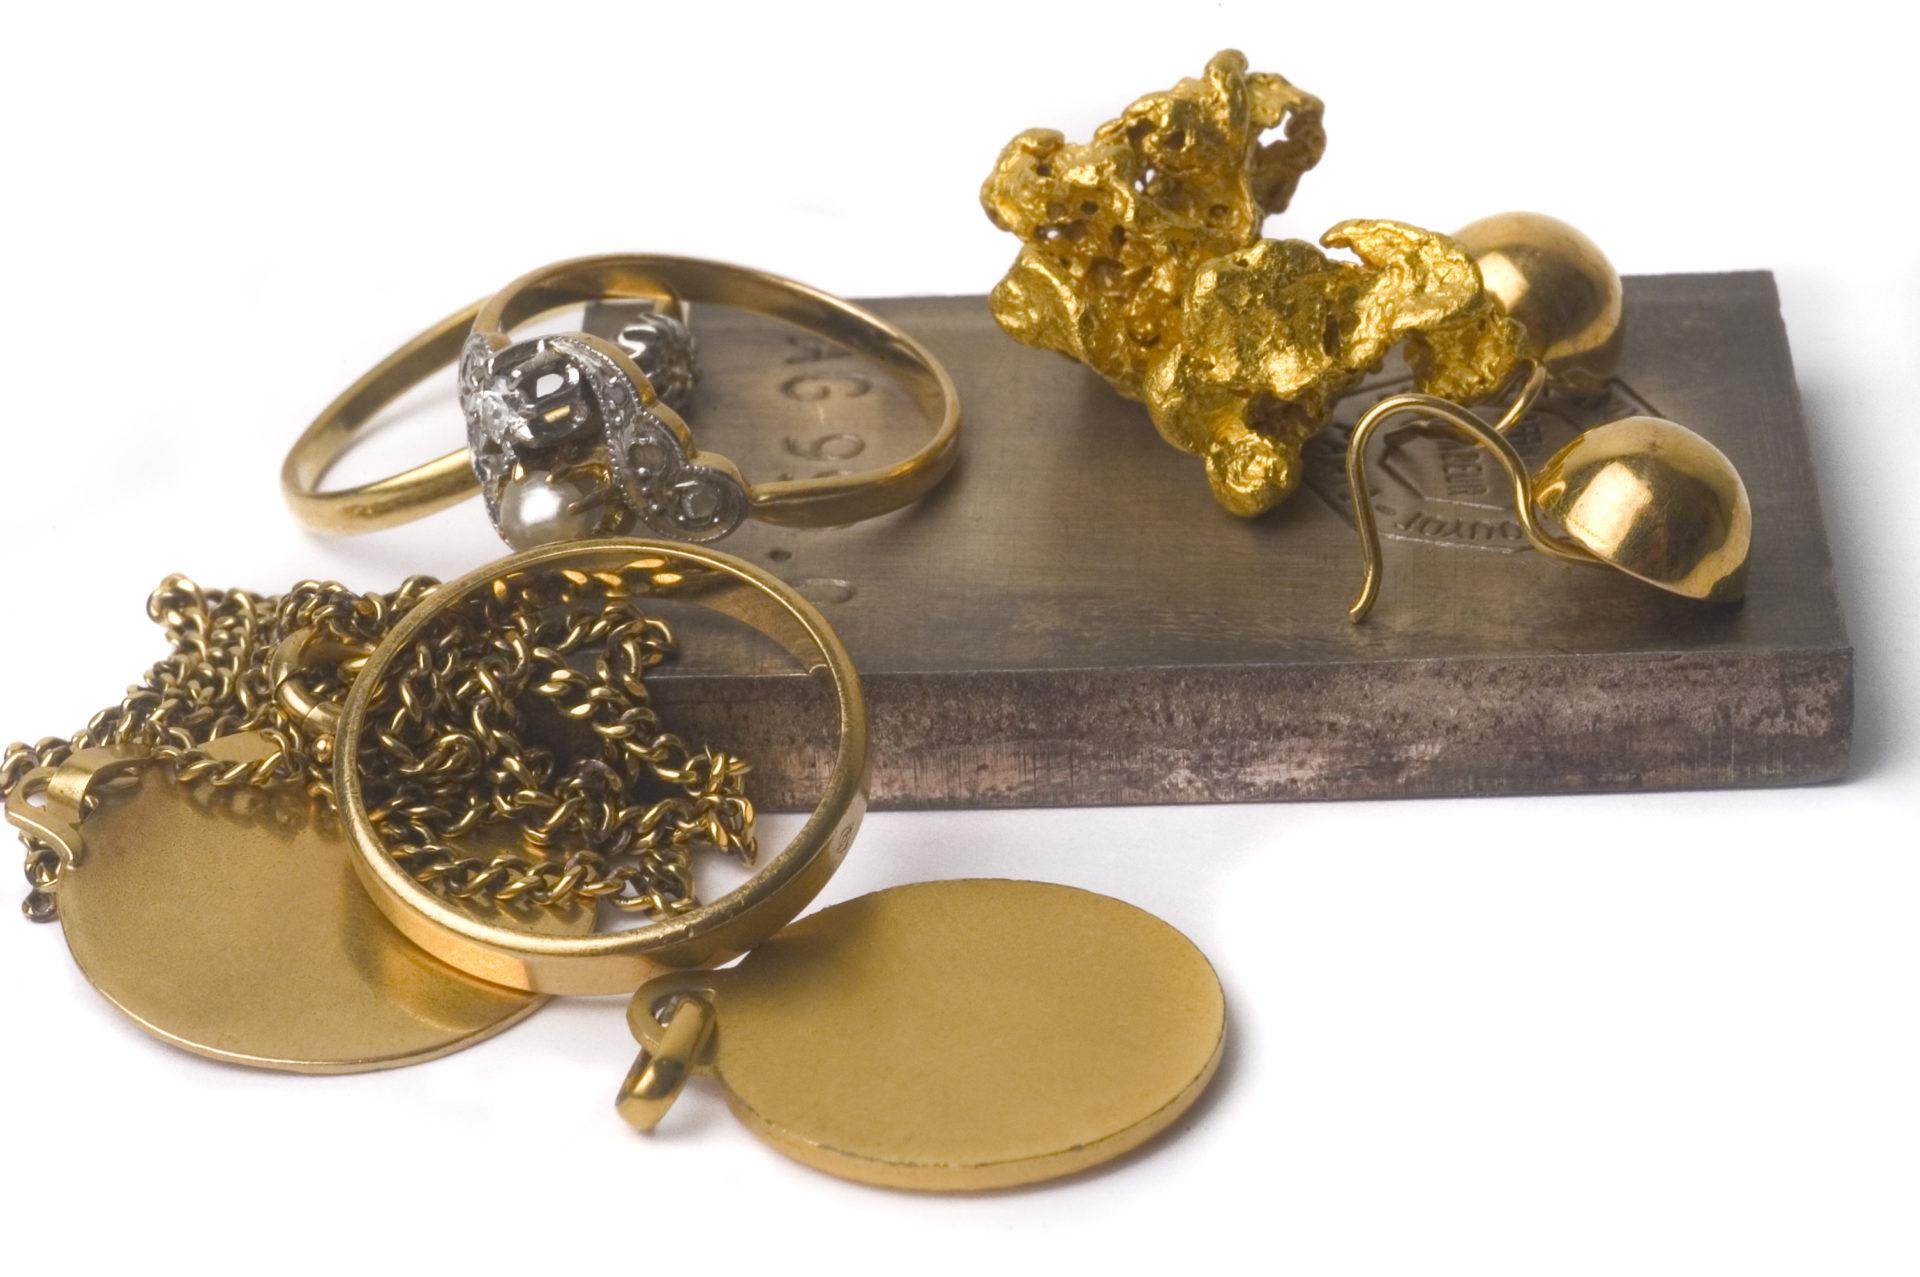 Aurax Edelmetallhandel GmbH_Goldschmuck_Welche-Schmuckstuecke-kaufen-Sie-an_Schmuckankauf_Welche Materialien eignen sich für den Schmuckankauf?